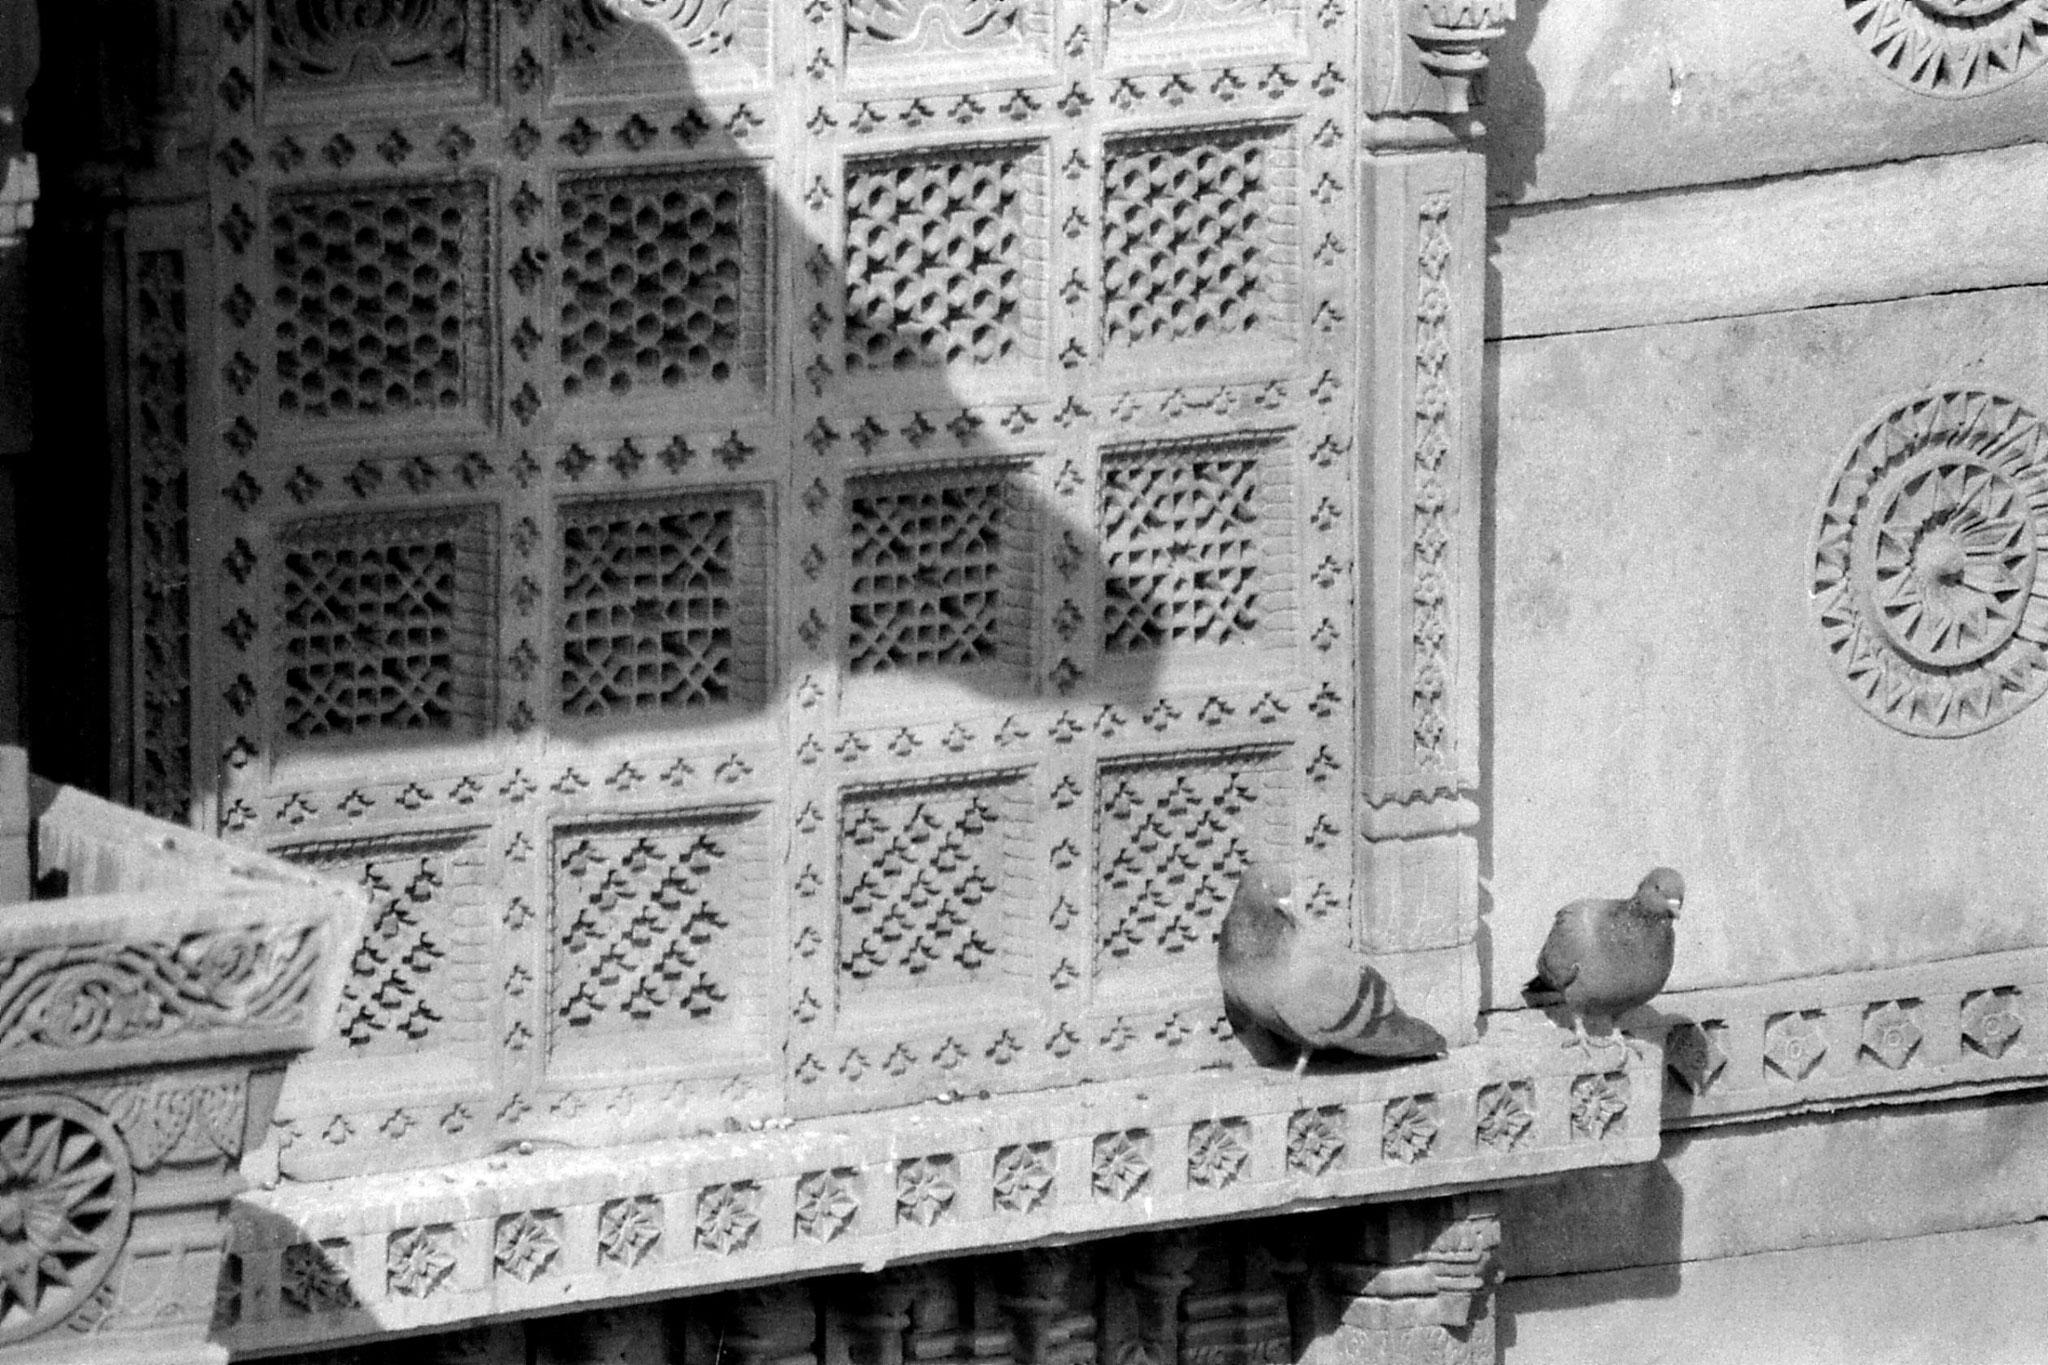 2/12/1989: 9: Jaisalmer